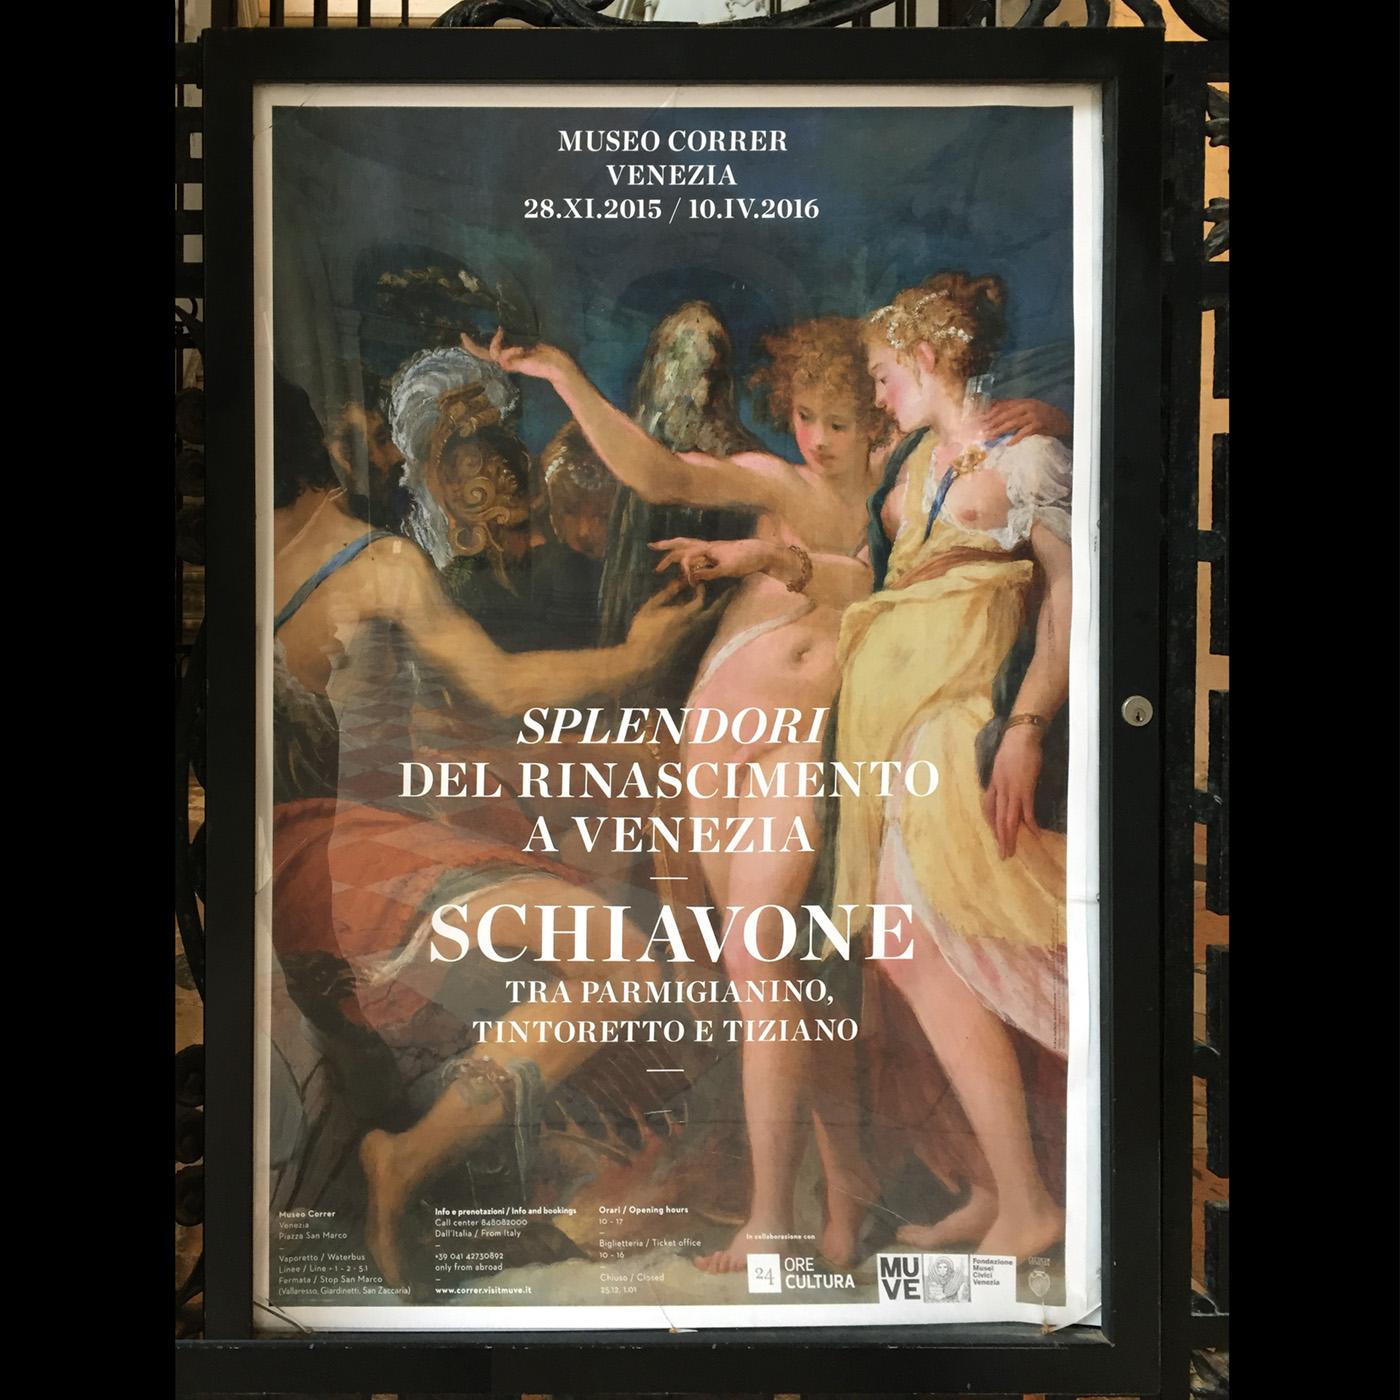 Splendoridel-Rinascimento-VenezianoSchiavone-tra-ParmigianinoTintoretto-e-Tiziano-001